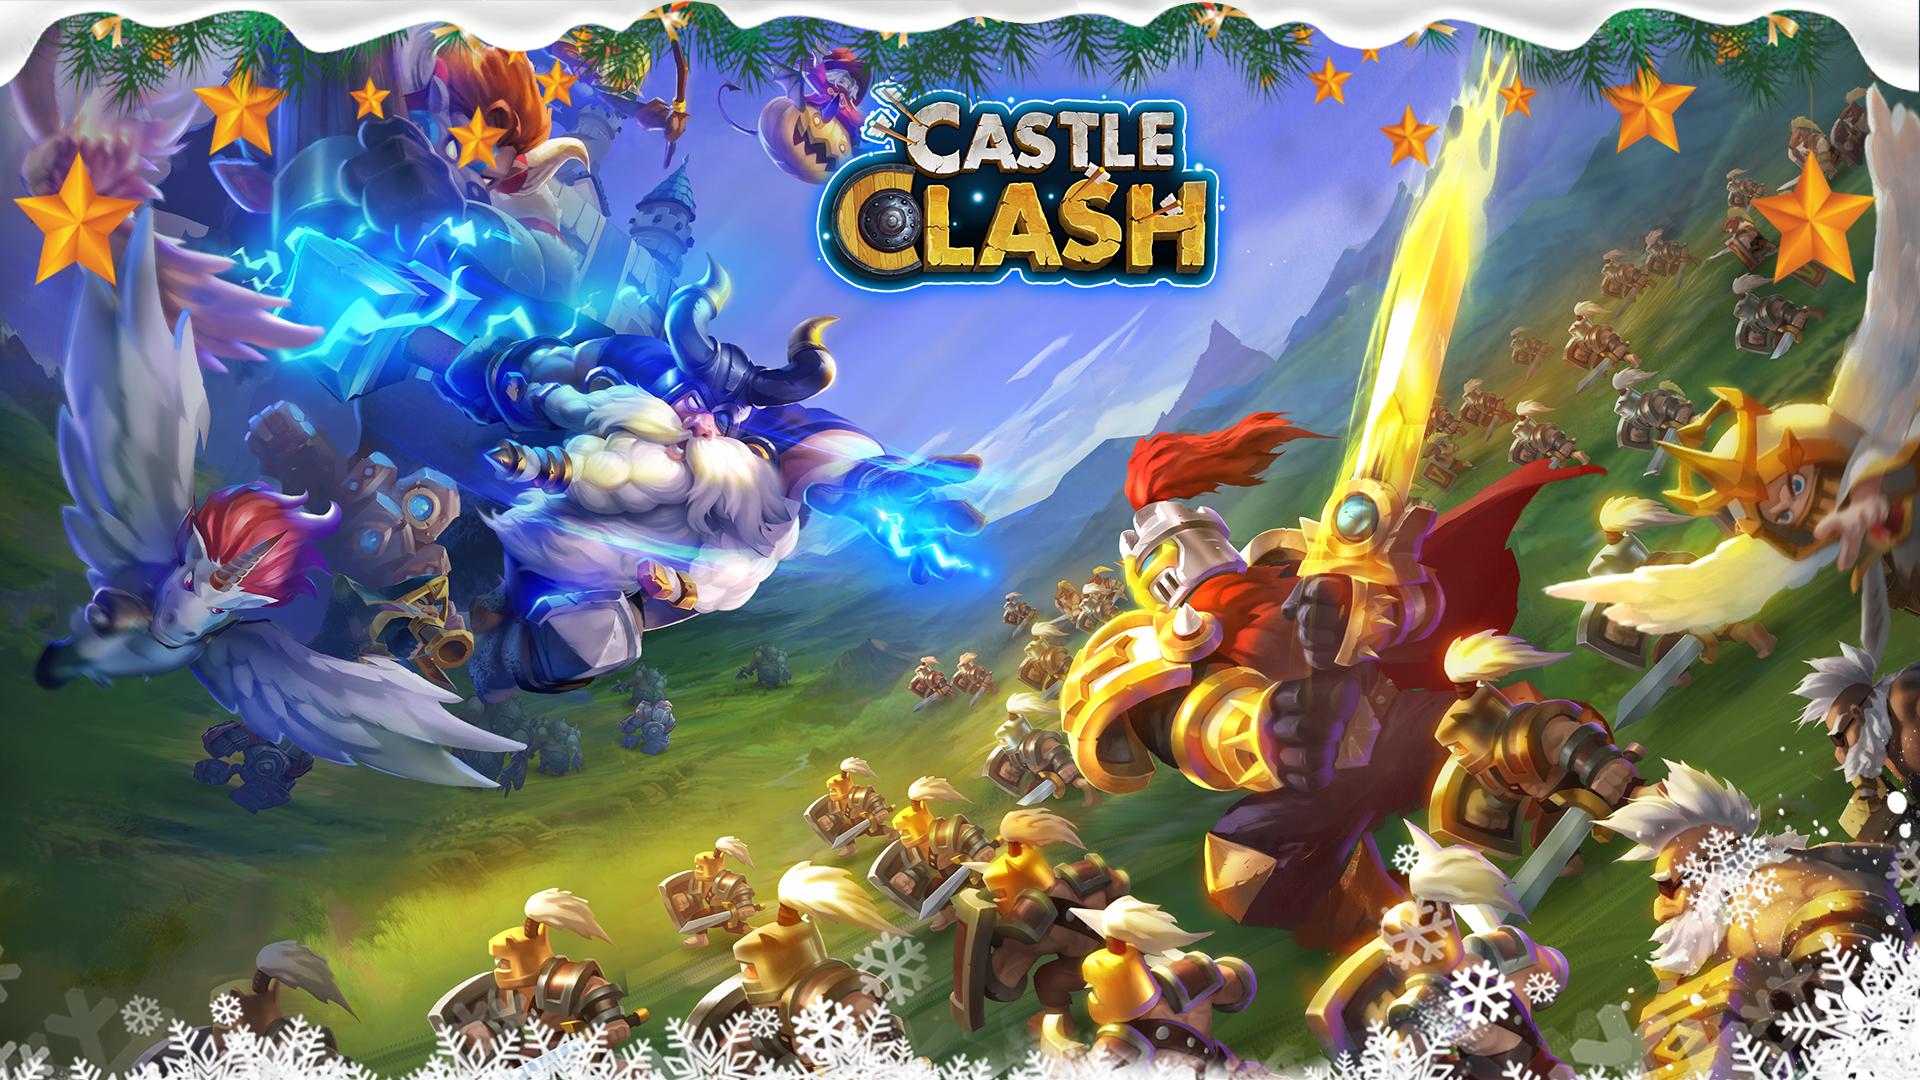 castle clash 1.4.3 apk download